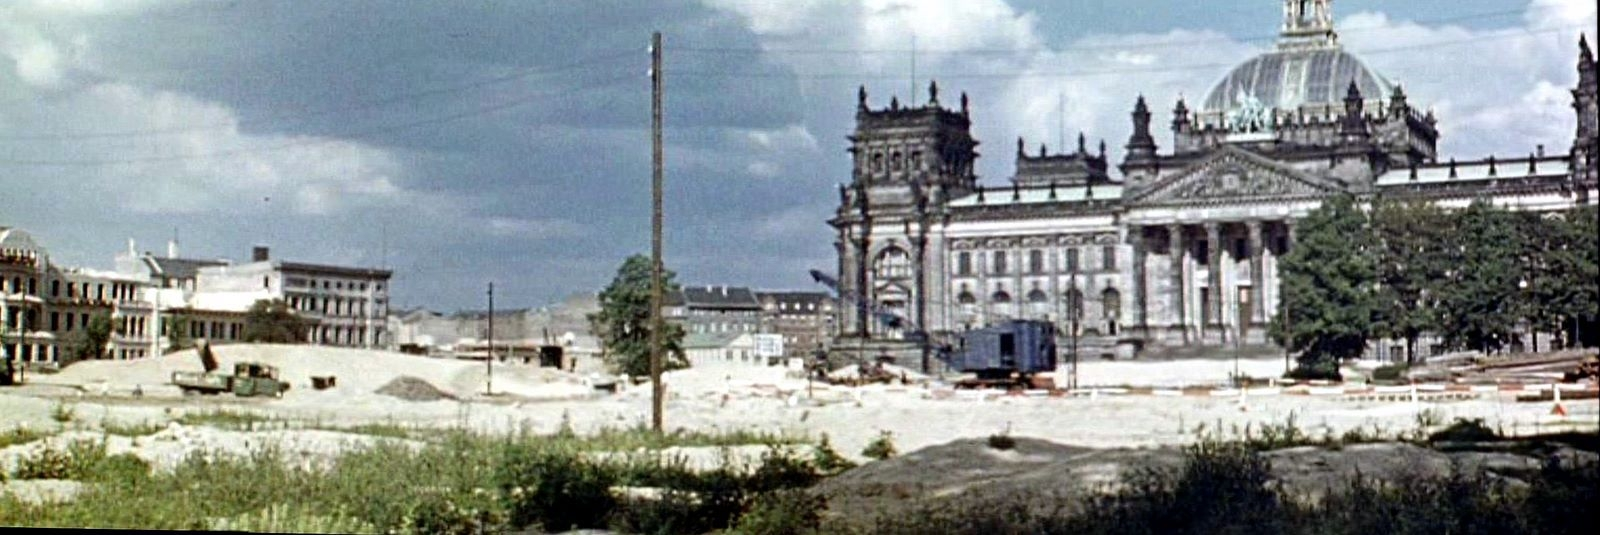 1938 Начали рыть котлован под новое русло Шпрее для строительства Гроссехолла2